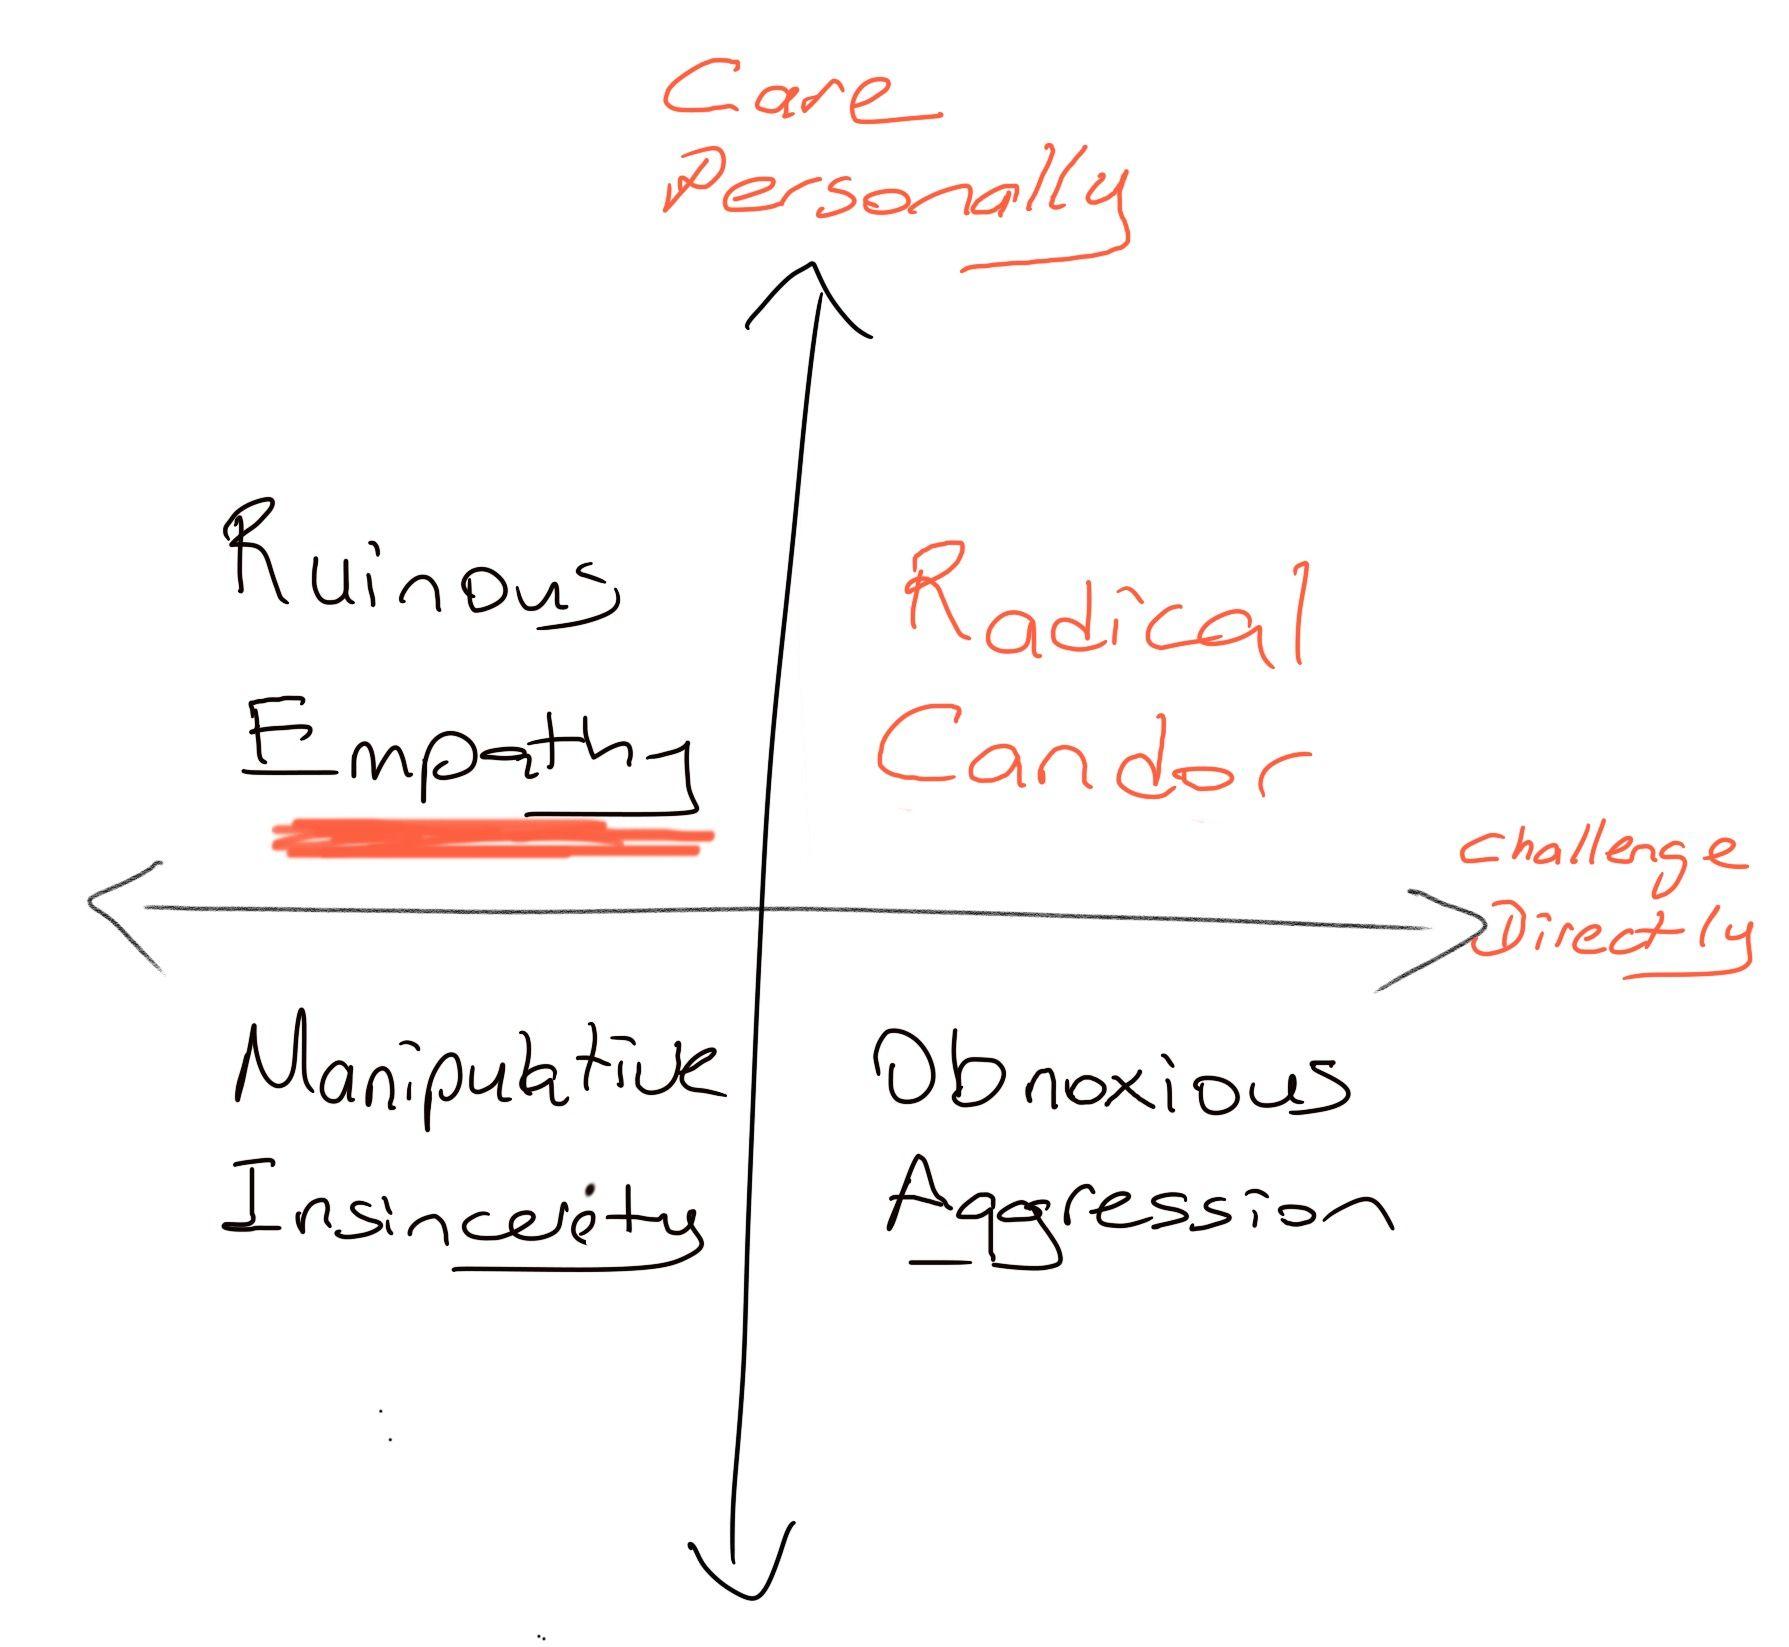 Radical Candor - Ruinous Empathy Quadrant